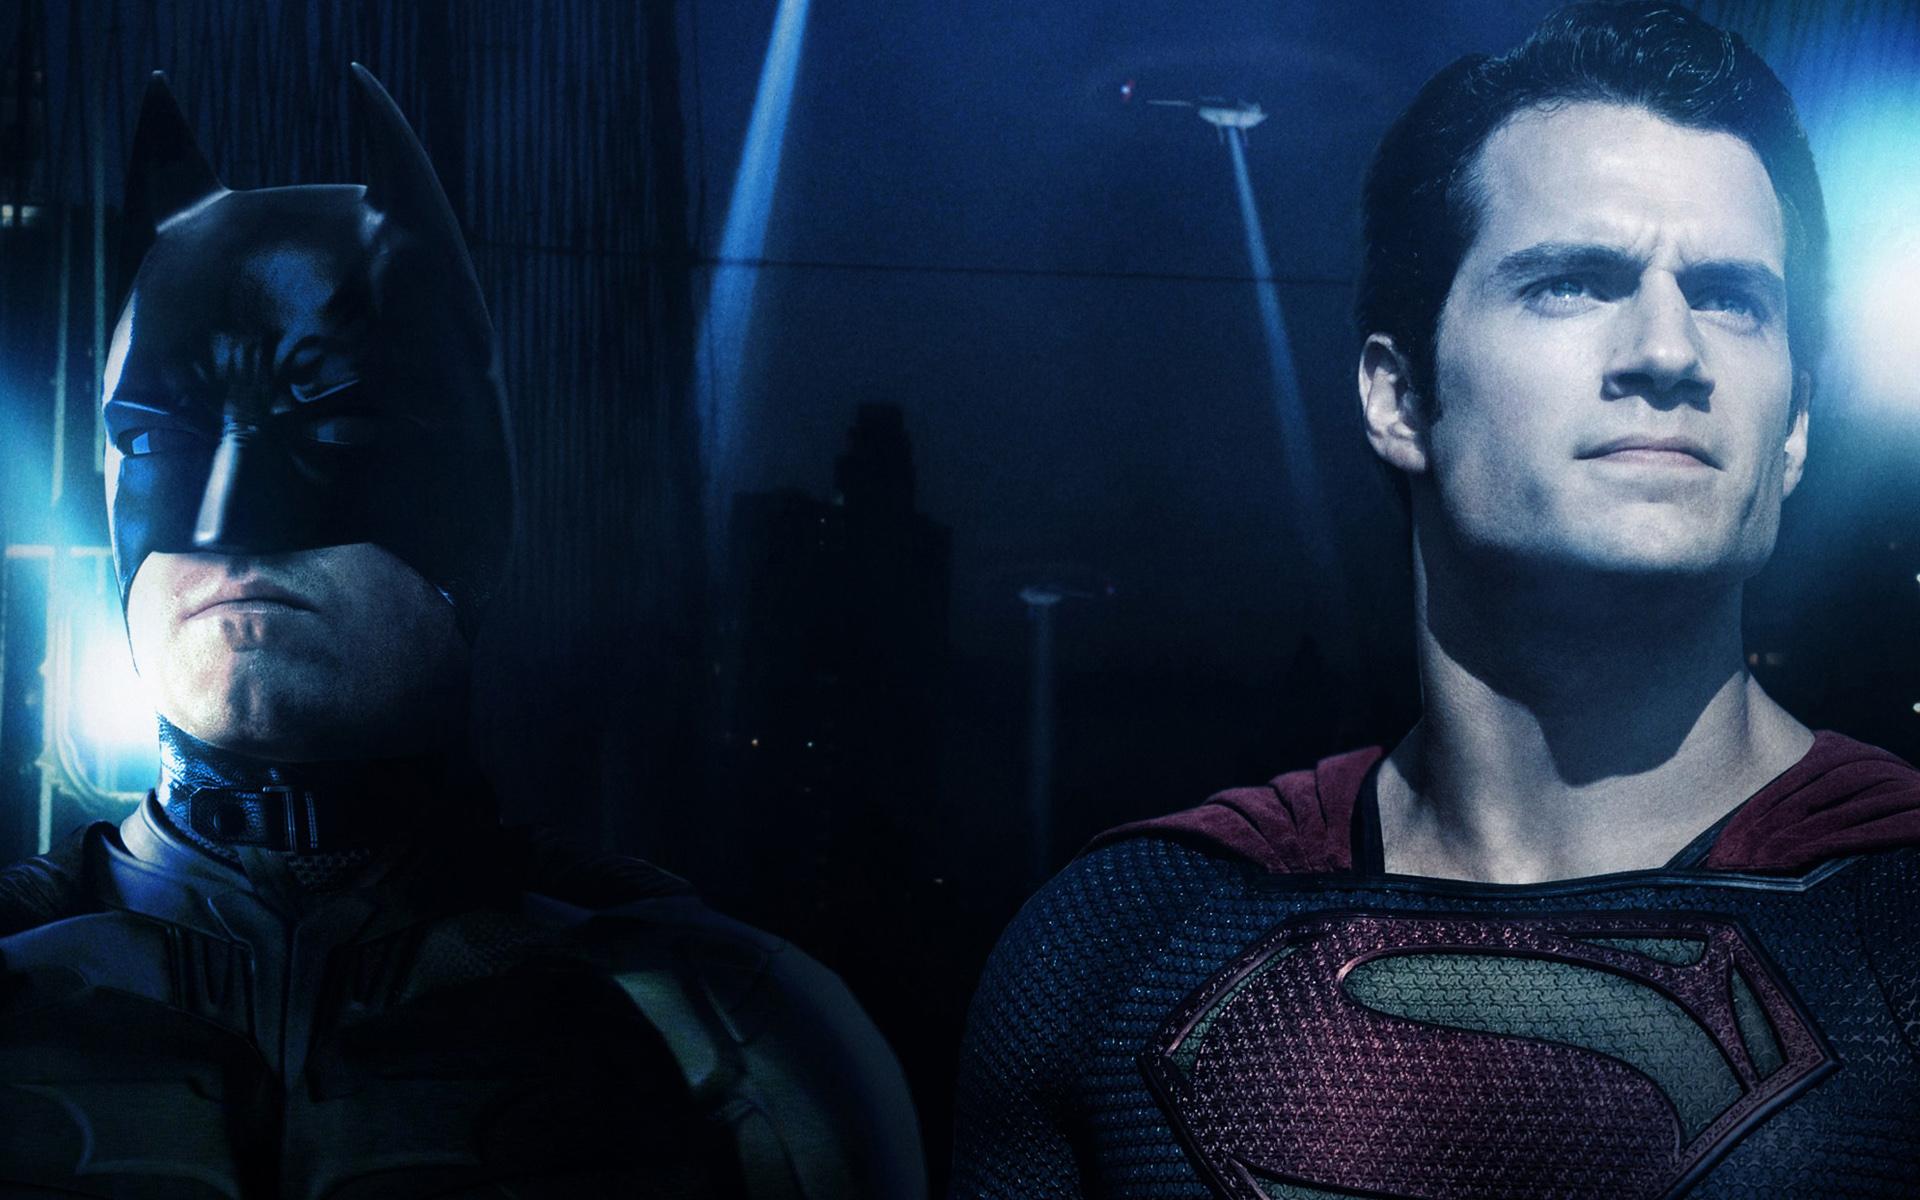 Batman vs Superman Wallpapers HD Wallpapers 1920x1200